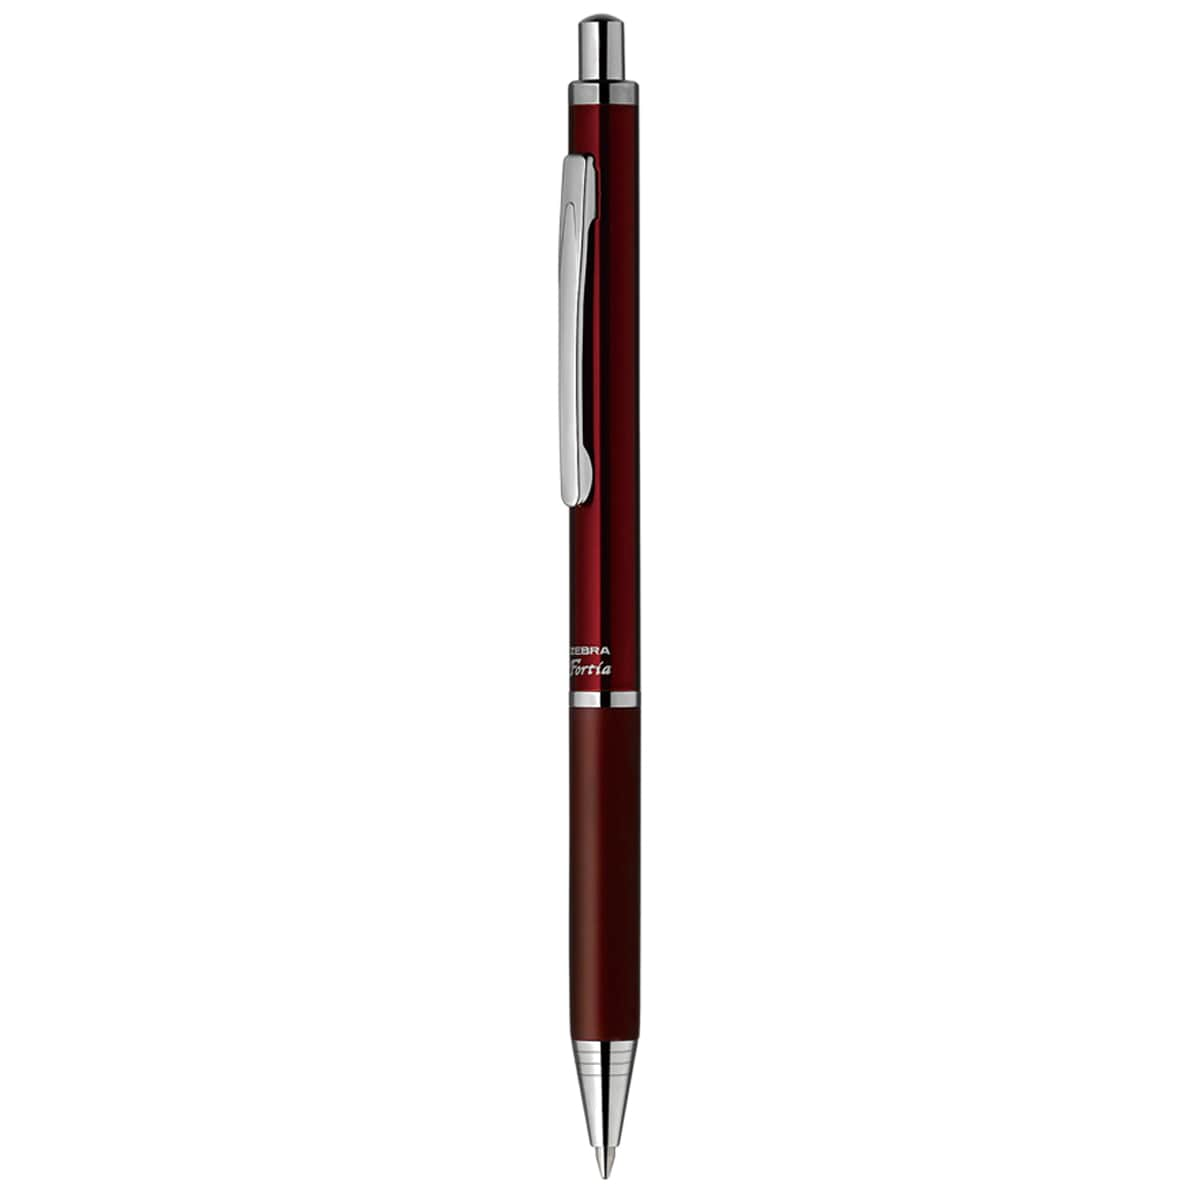 ゼブラ フォルティア300 油性ボールペン 0.7mm BA80